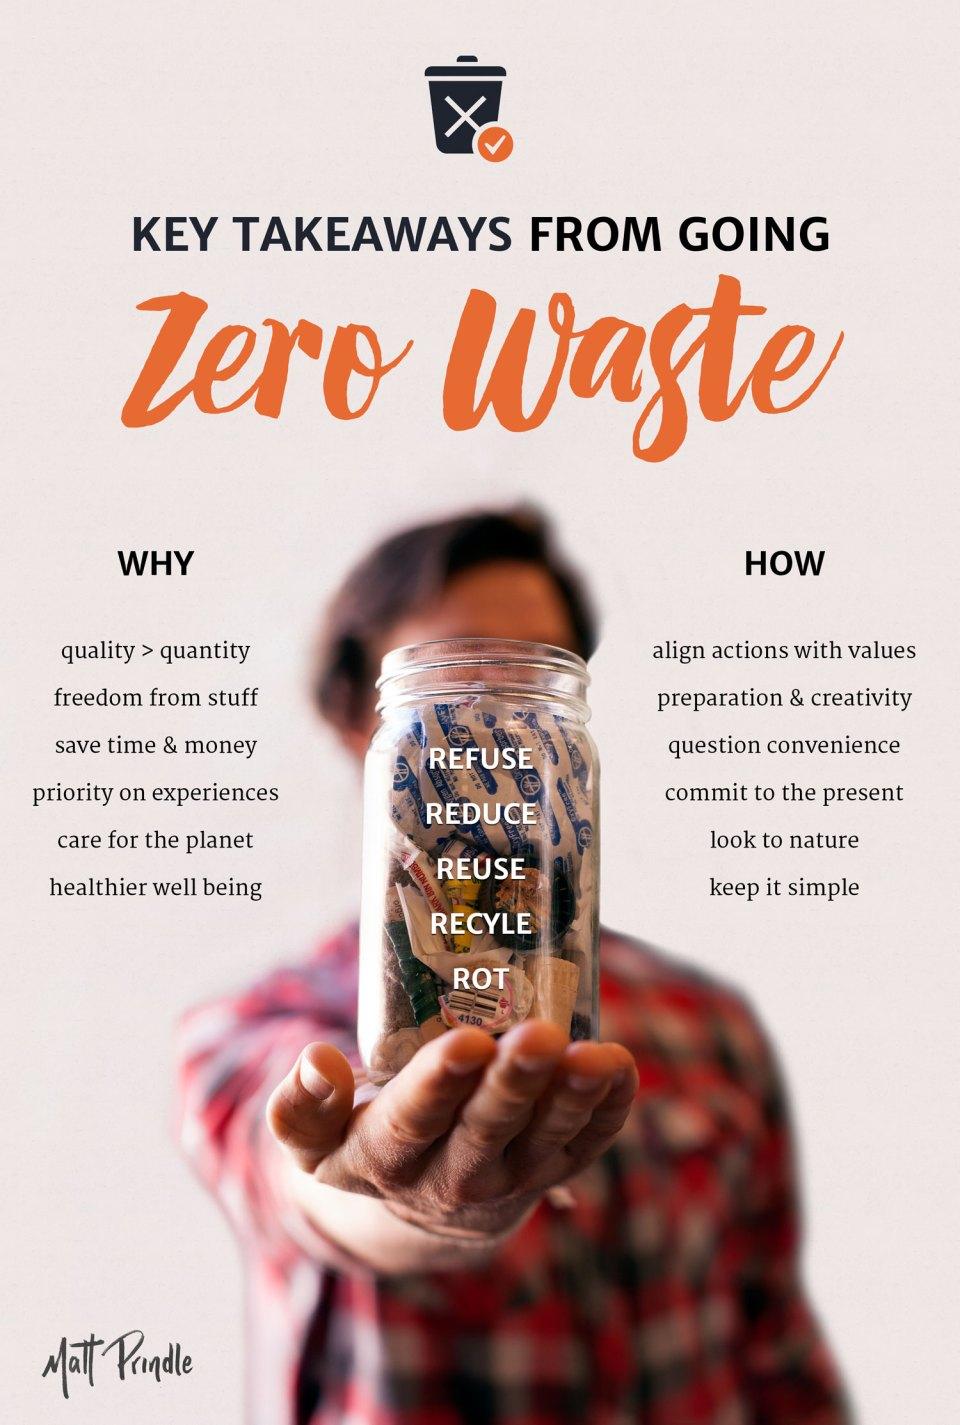 Key Takeaways from Living Zero Waste